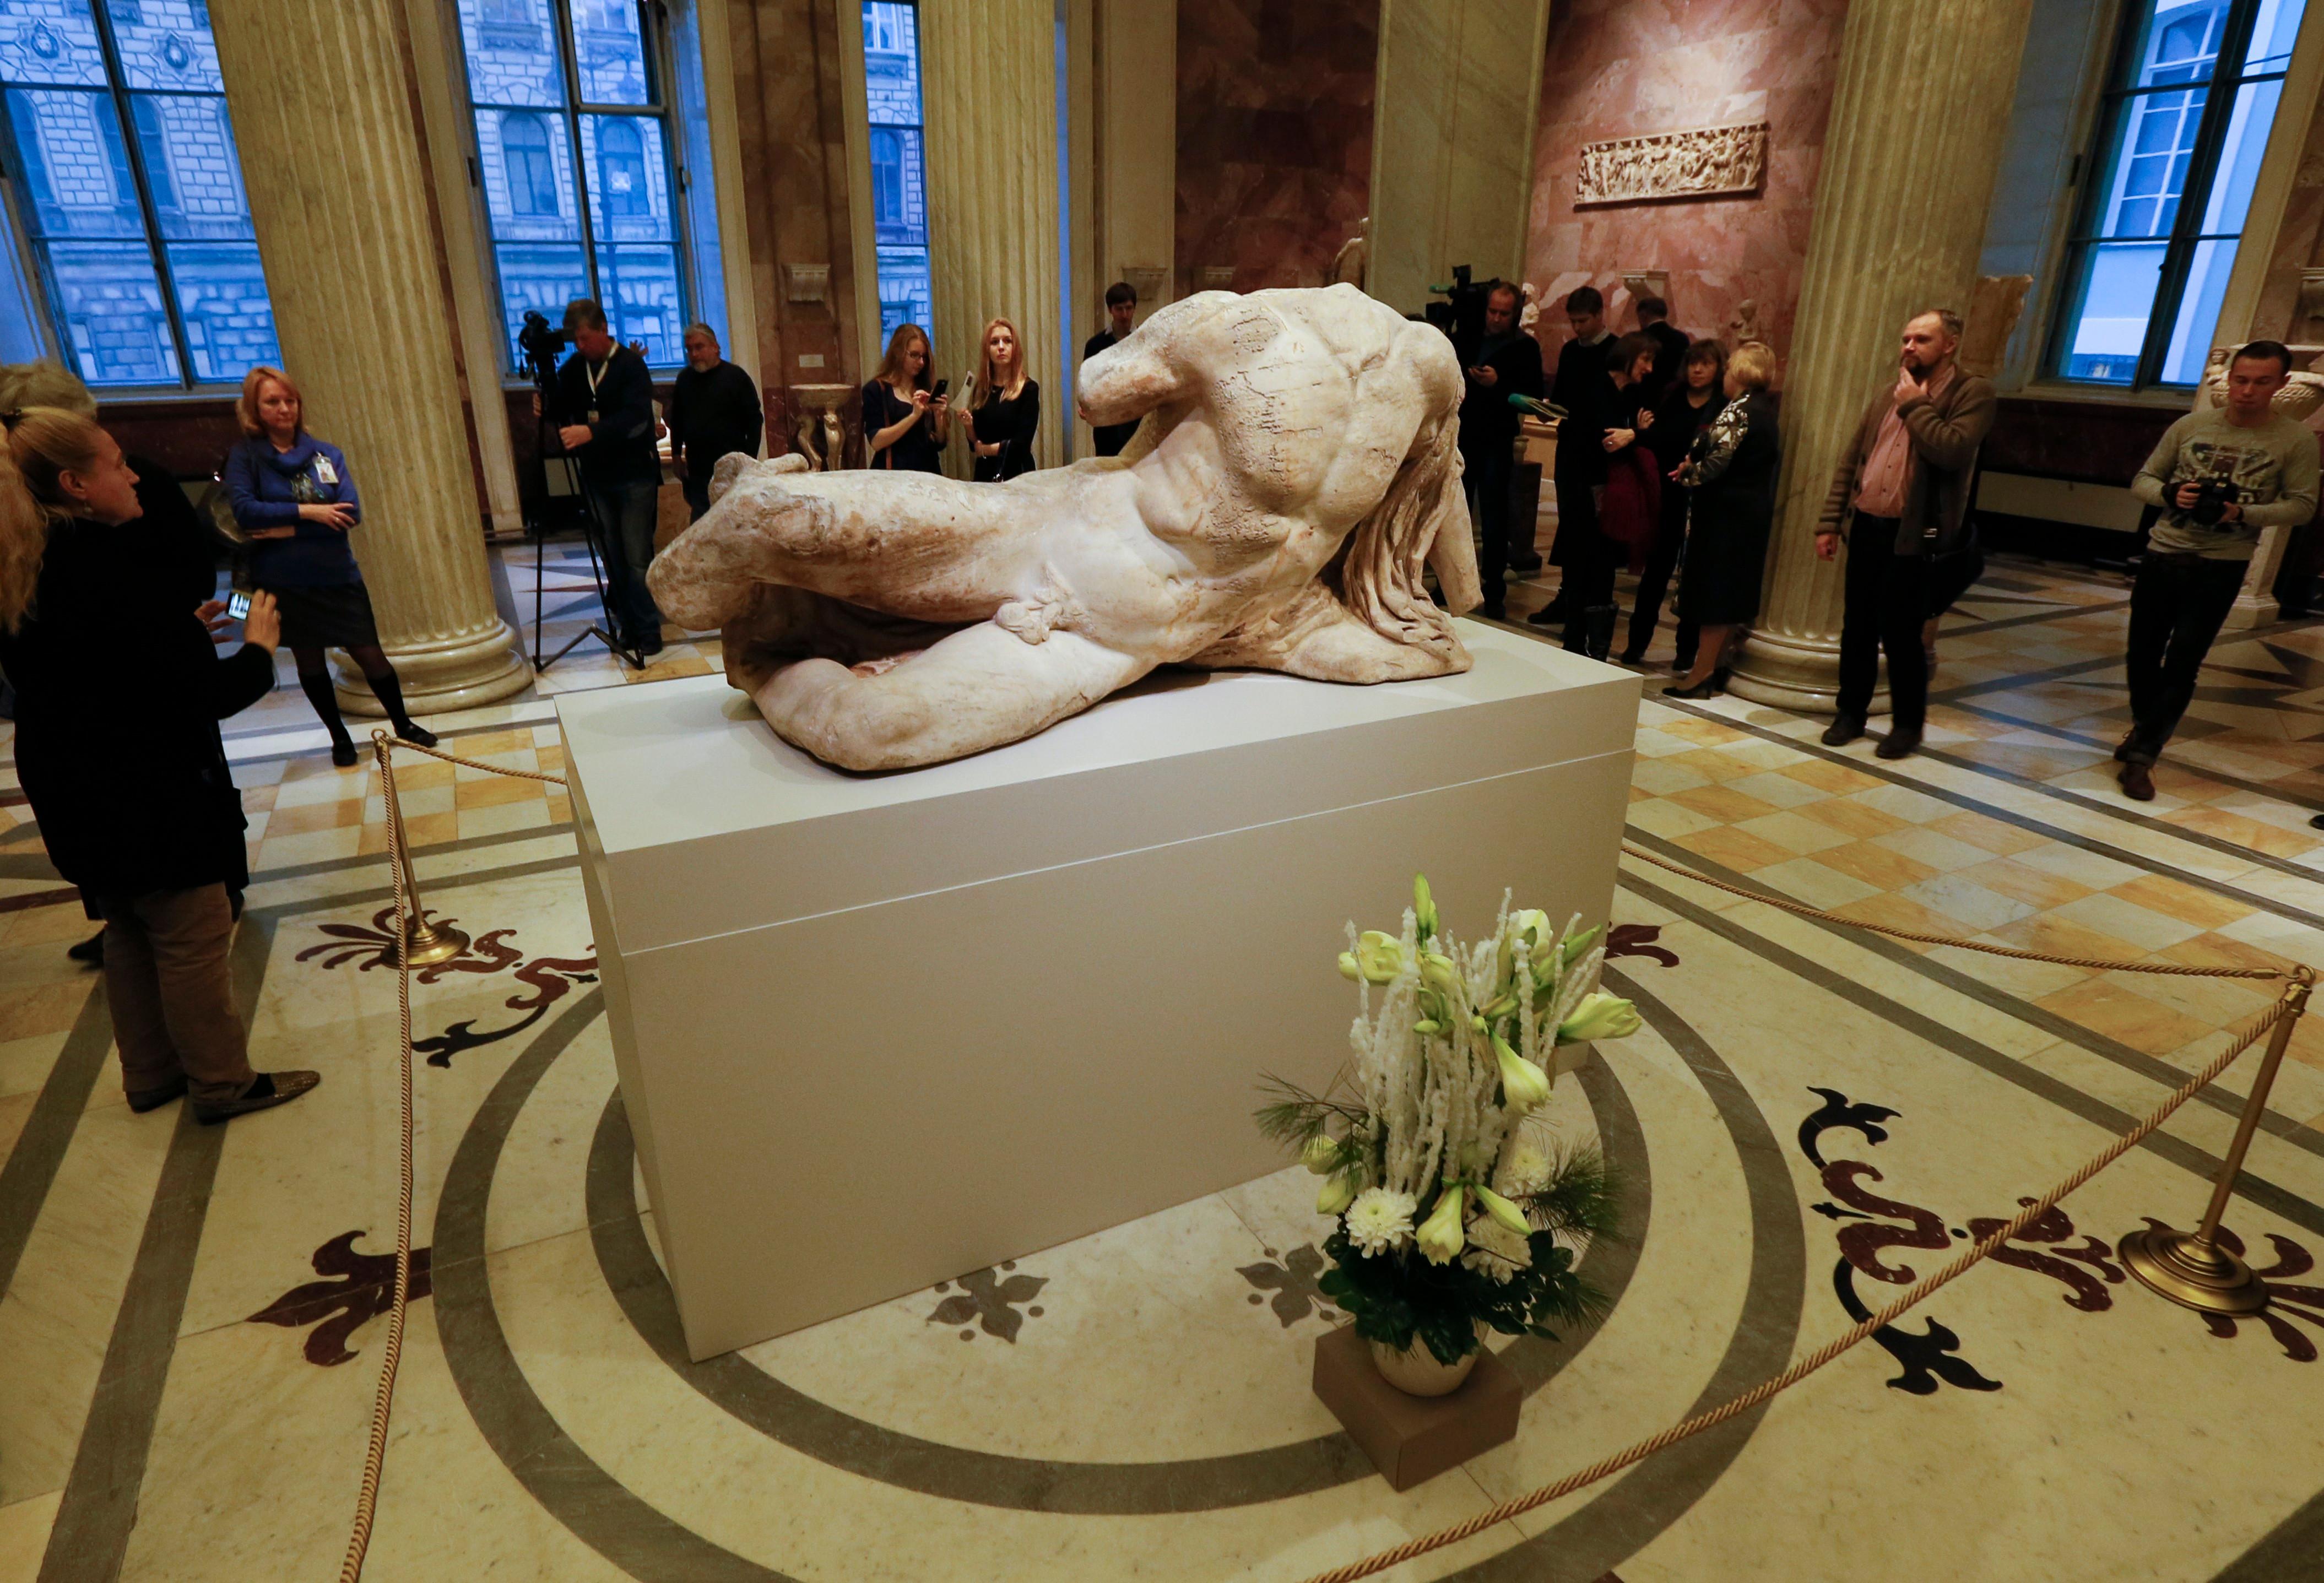 Το άγαλμα του Ιλισσού στο Ερμιτάζ